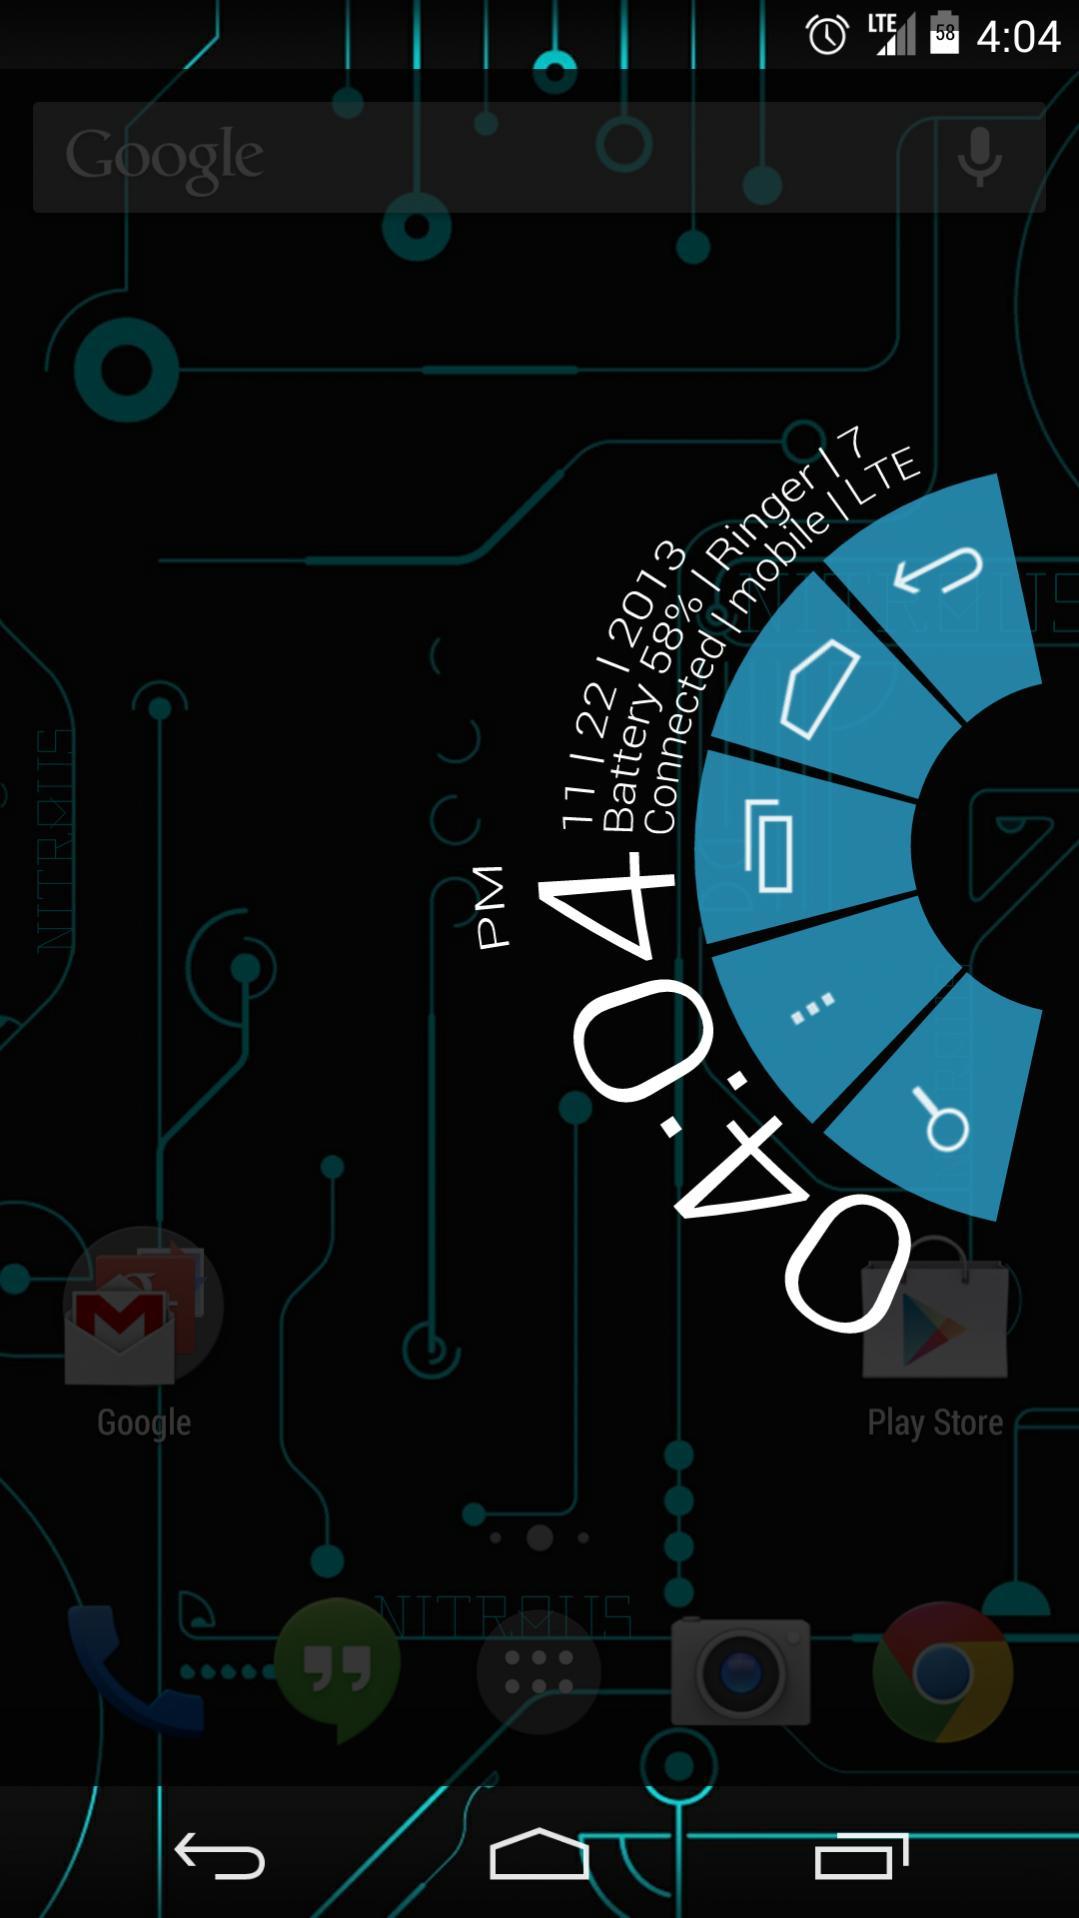 [ROM 4.4] [HHKK] · ۰ • Nitrous v1.1 - Speed at your finger tips™ [27.11.2013] Attachment